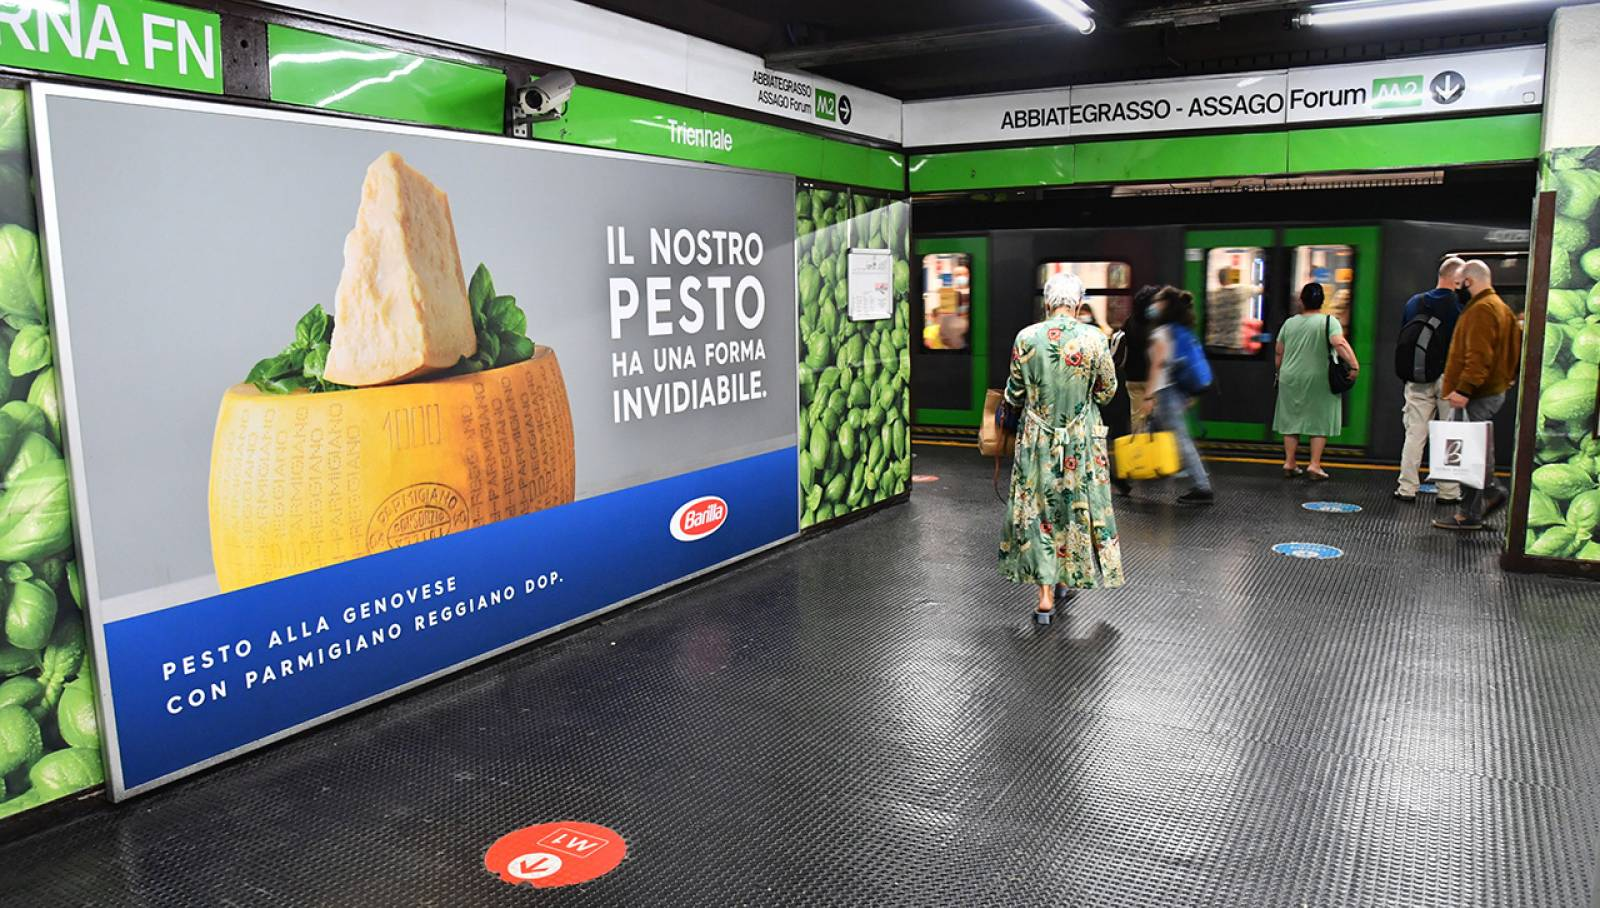 Pubblicità in metropolitana a Milano Cadorna Station Domination IGPDecaux per Barilla